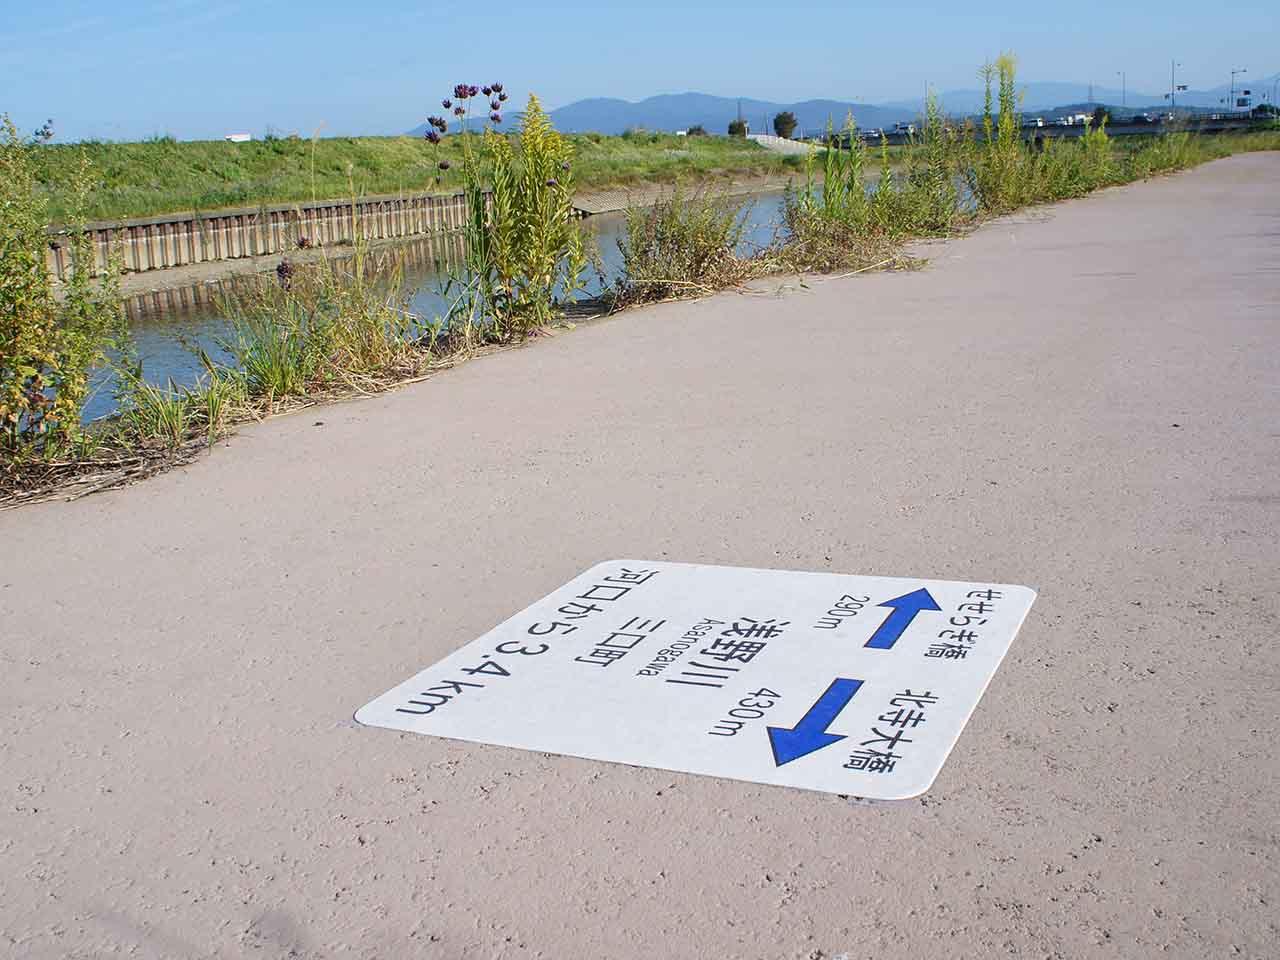 河川距離標示 浅野川